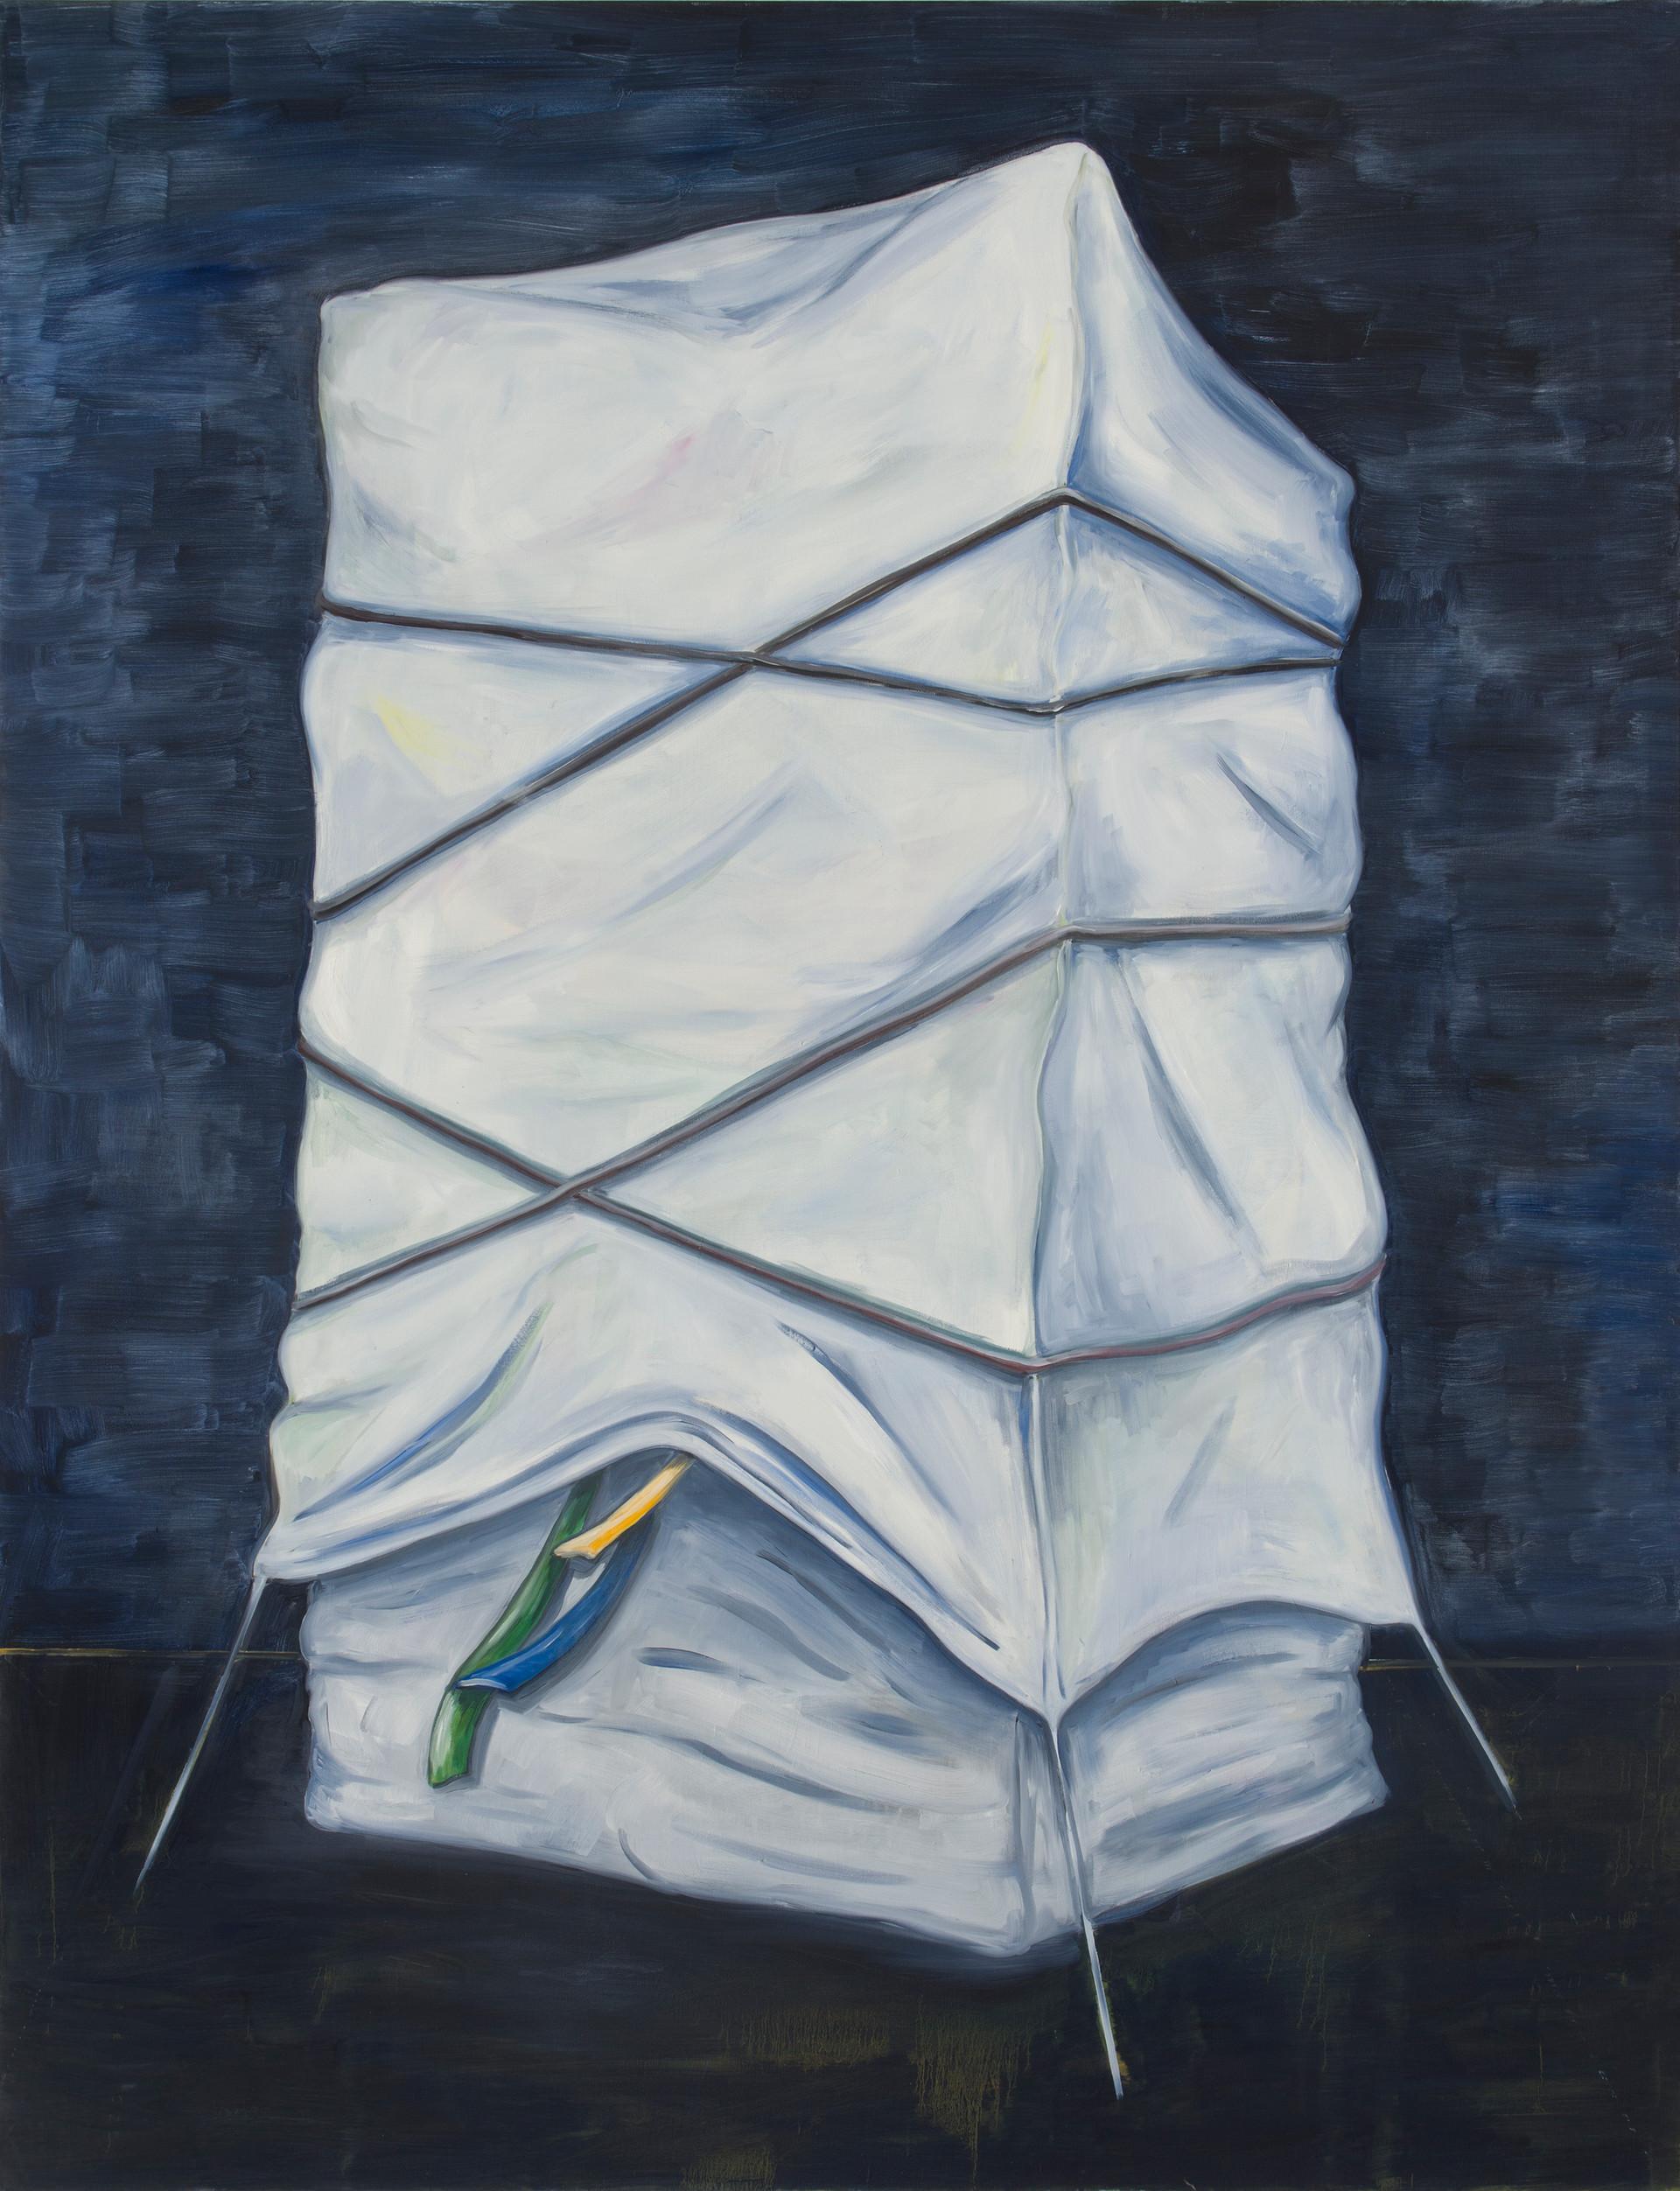 monument - 2012 - öl auf leinwand - 190 x 145 cm